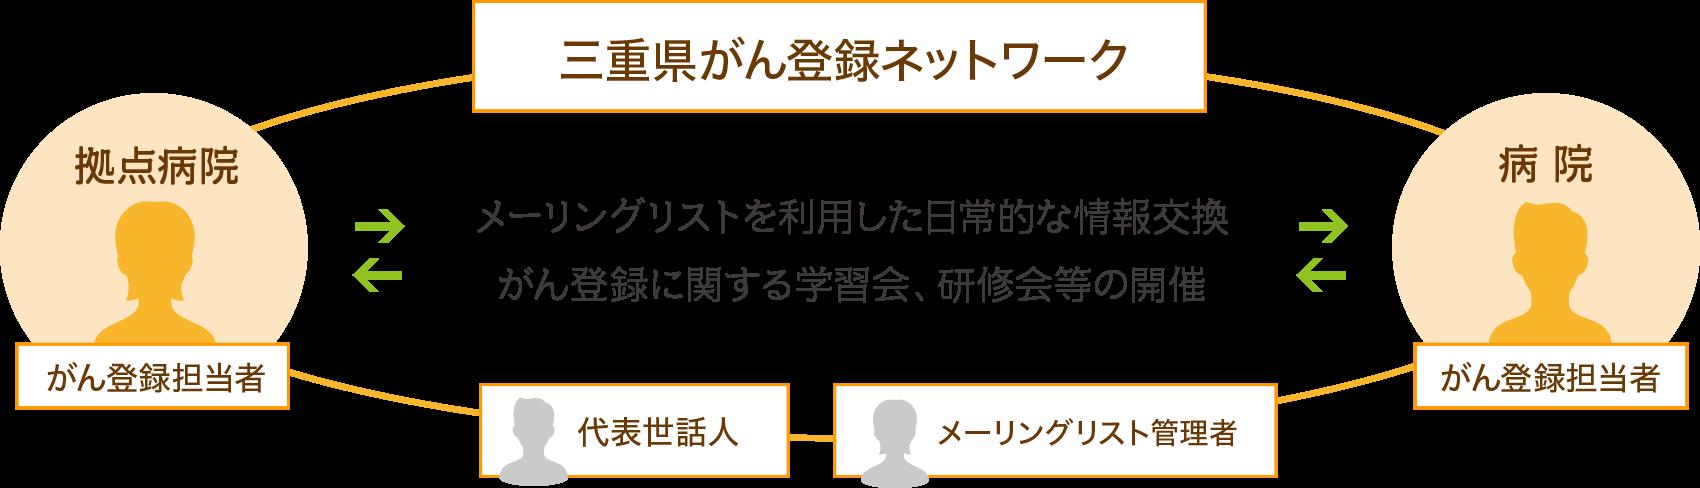 三重県がん登録ネットワークの組織について